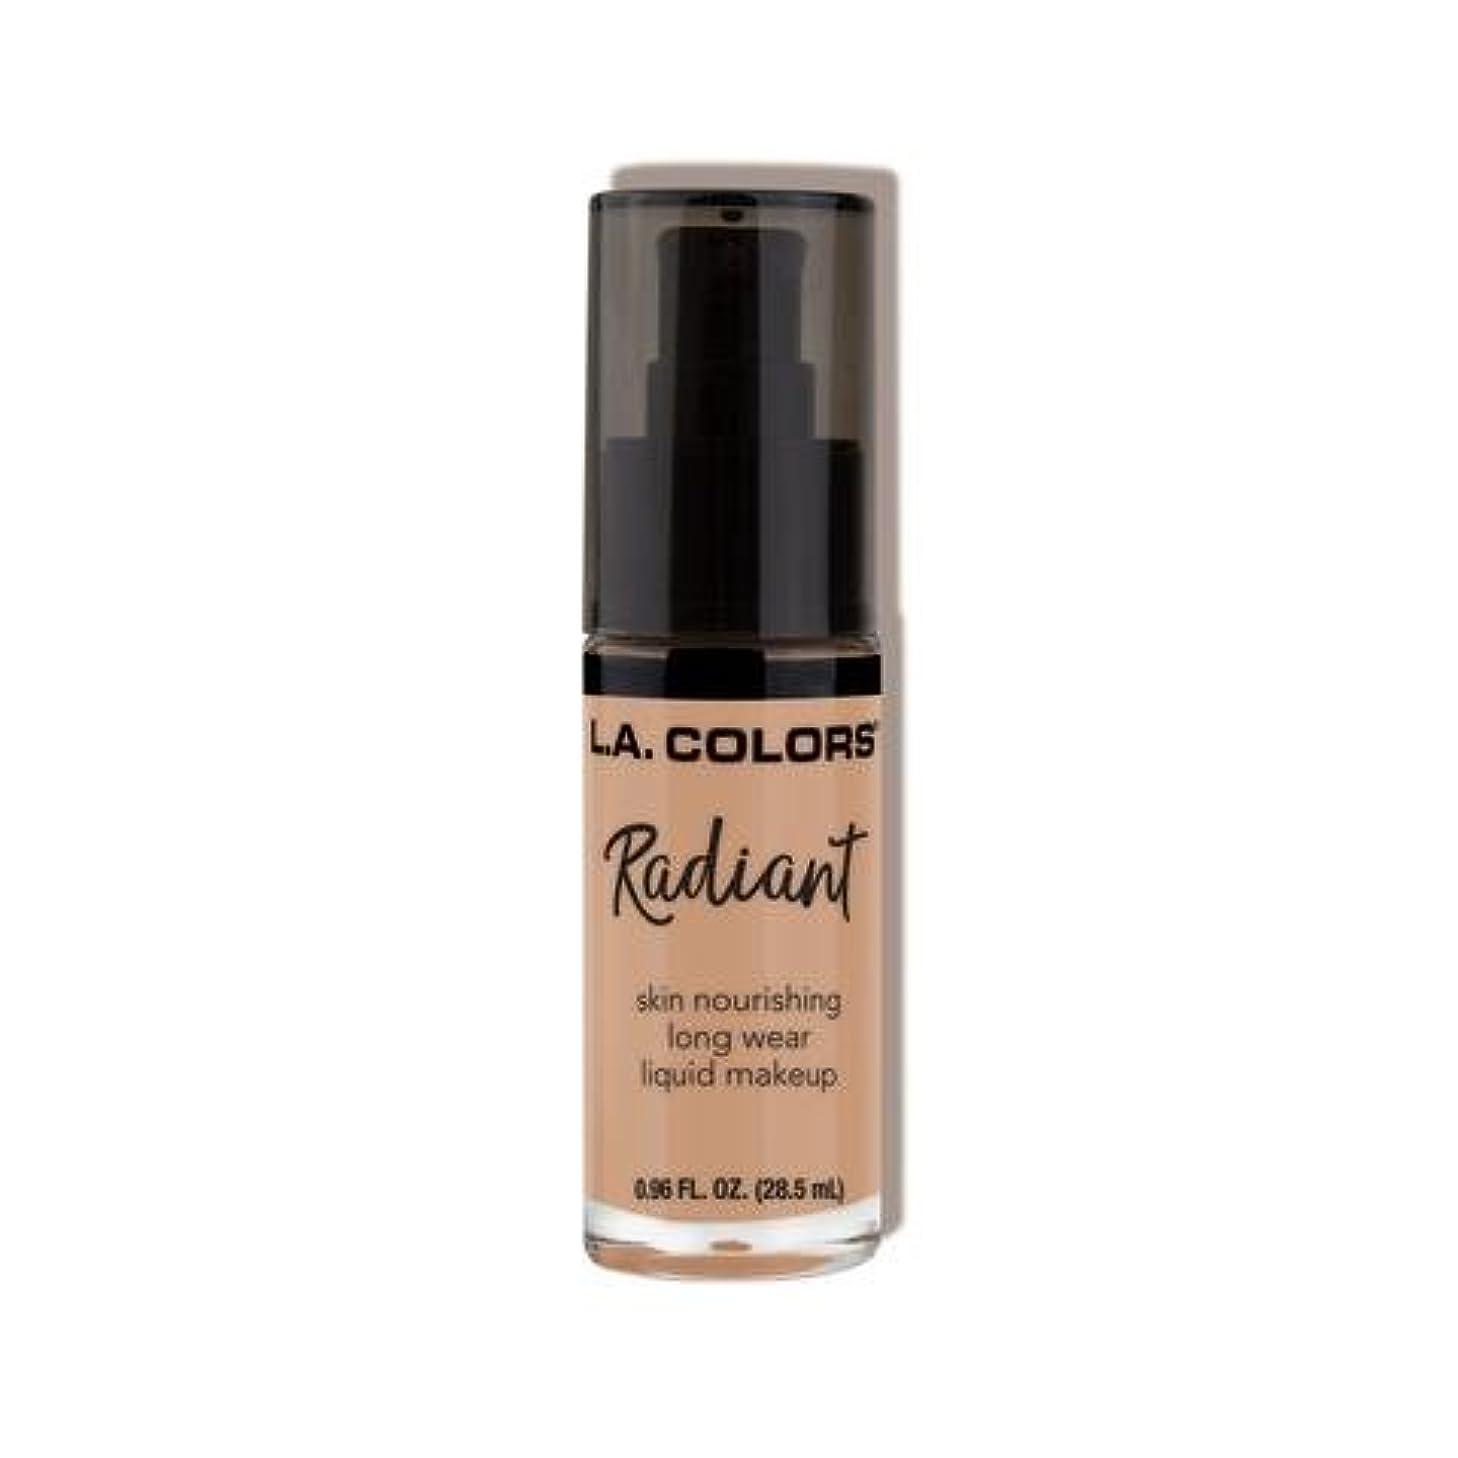 弁護人魅惑する節約する(3 Pack) L.A. COLORS Radiant Liquid Makeup - Medium Tan (並行輸入品)